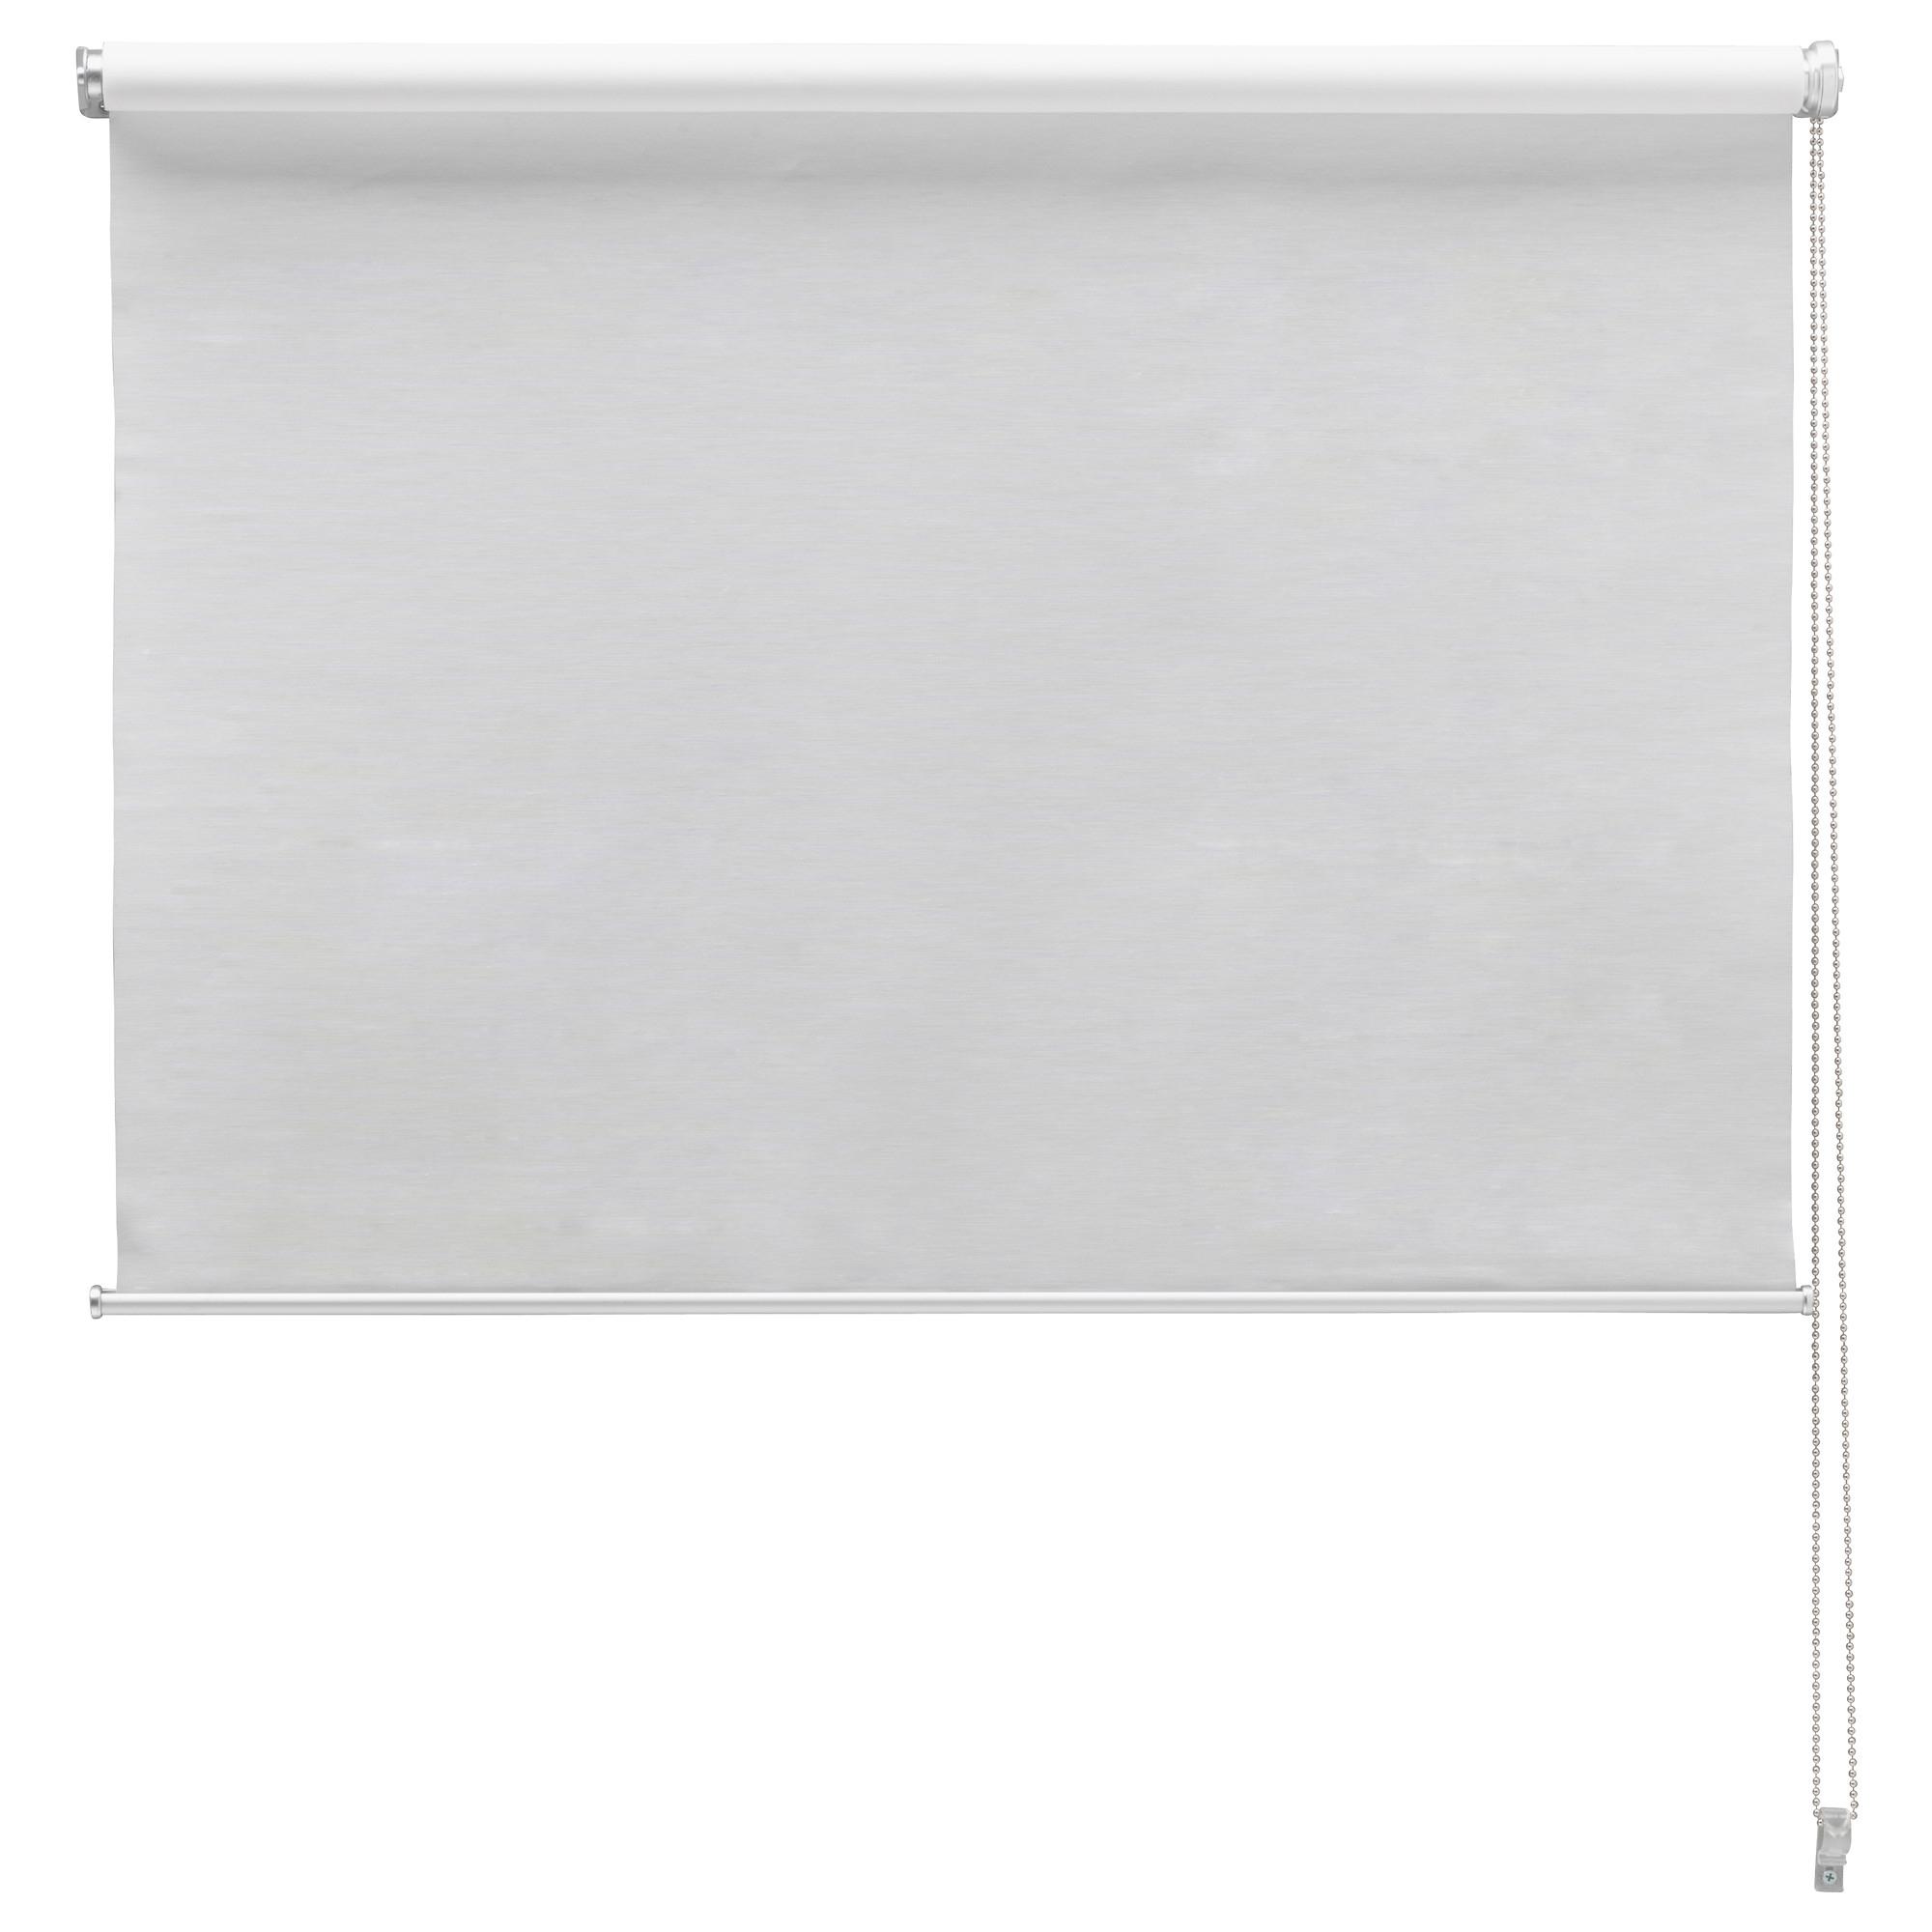 Ikea tenerife dormitorio sal n cocina cama muebles for Estores a medida ikea